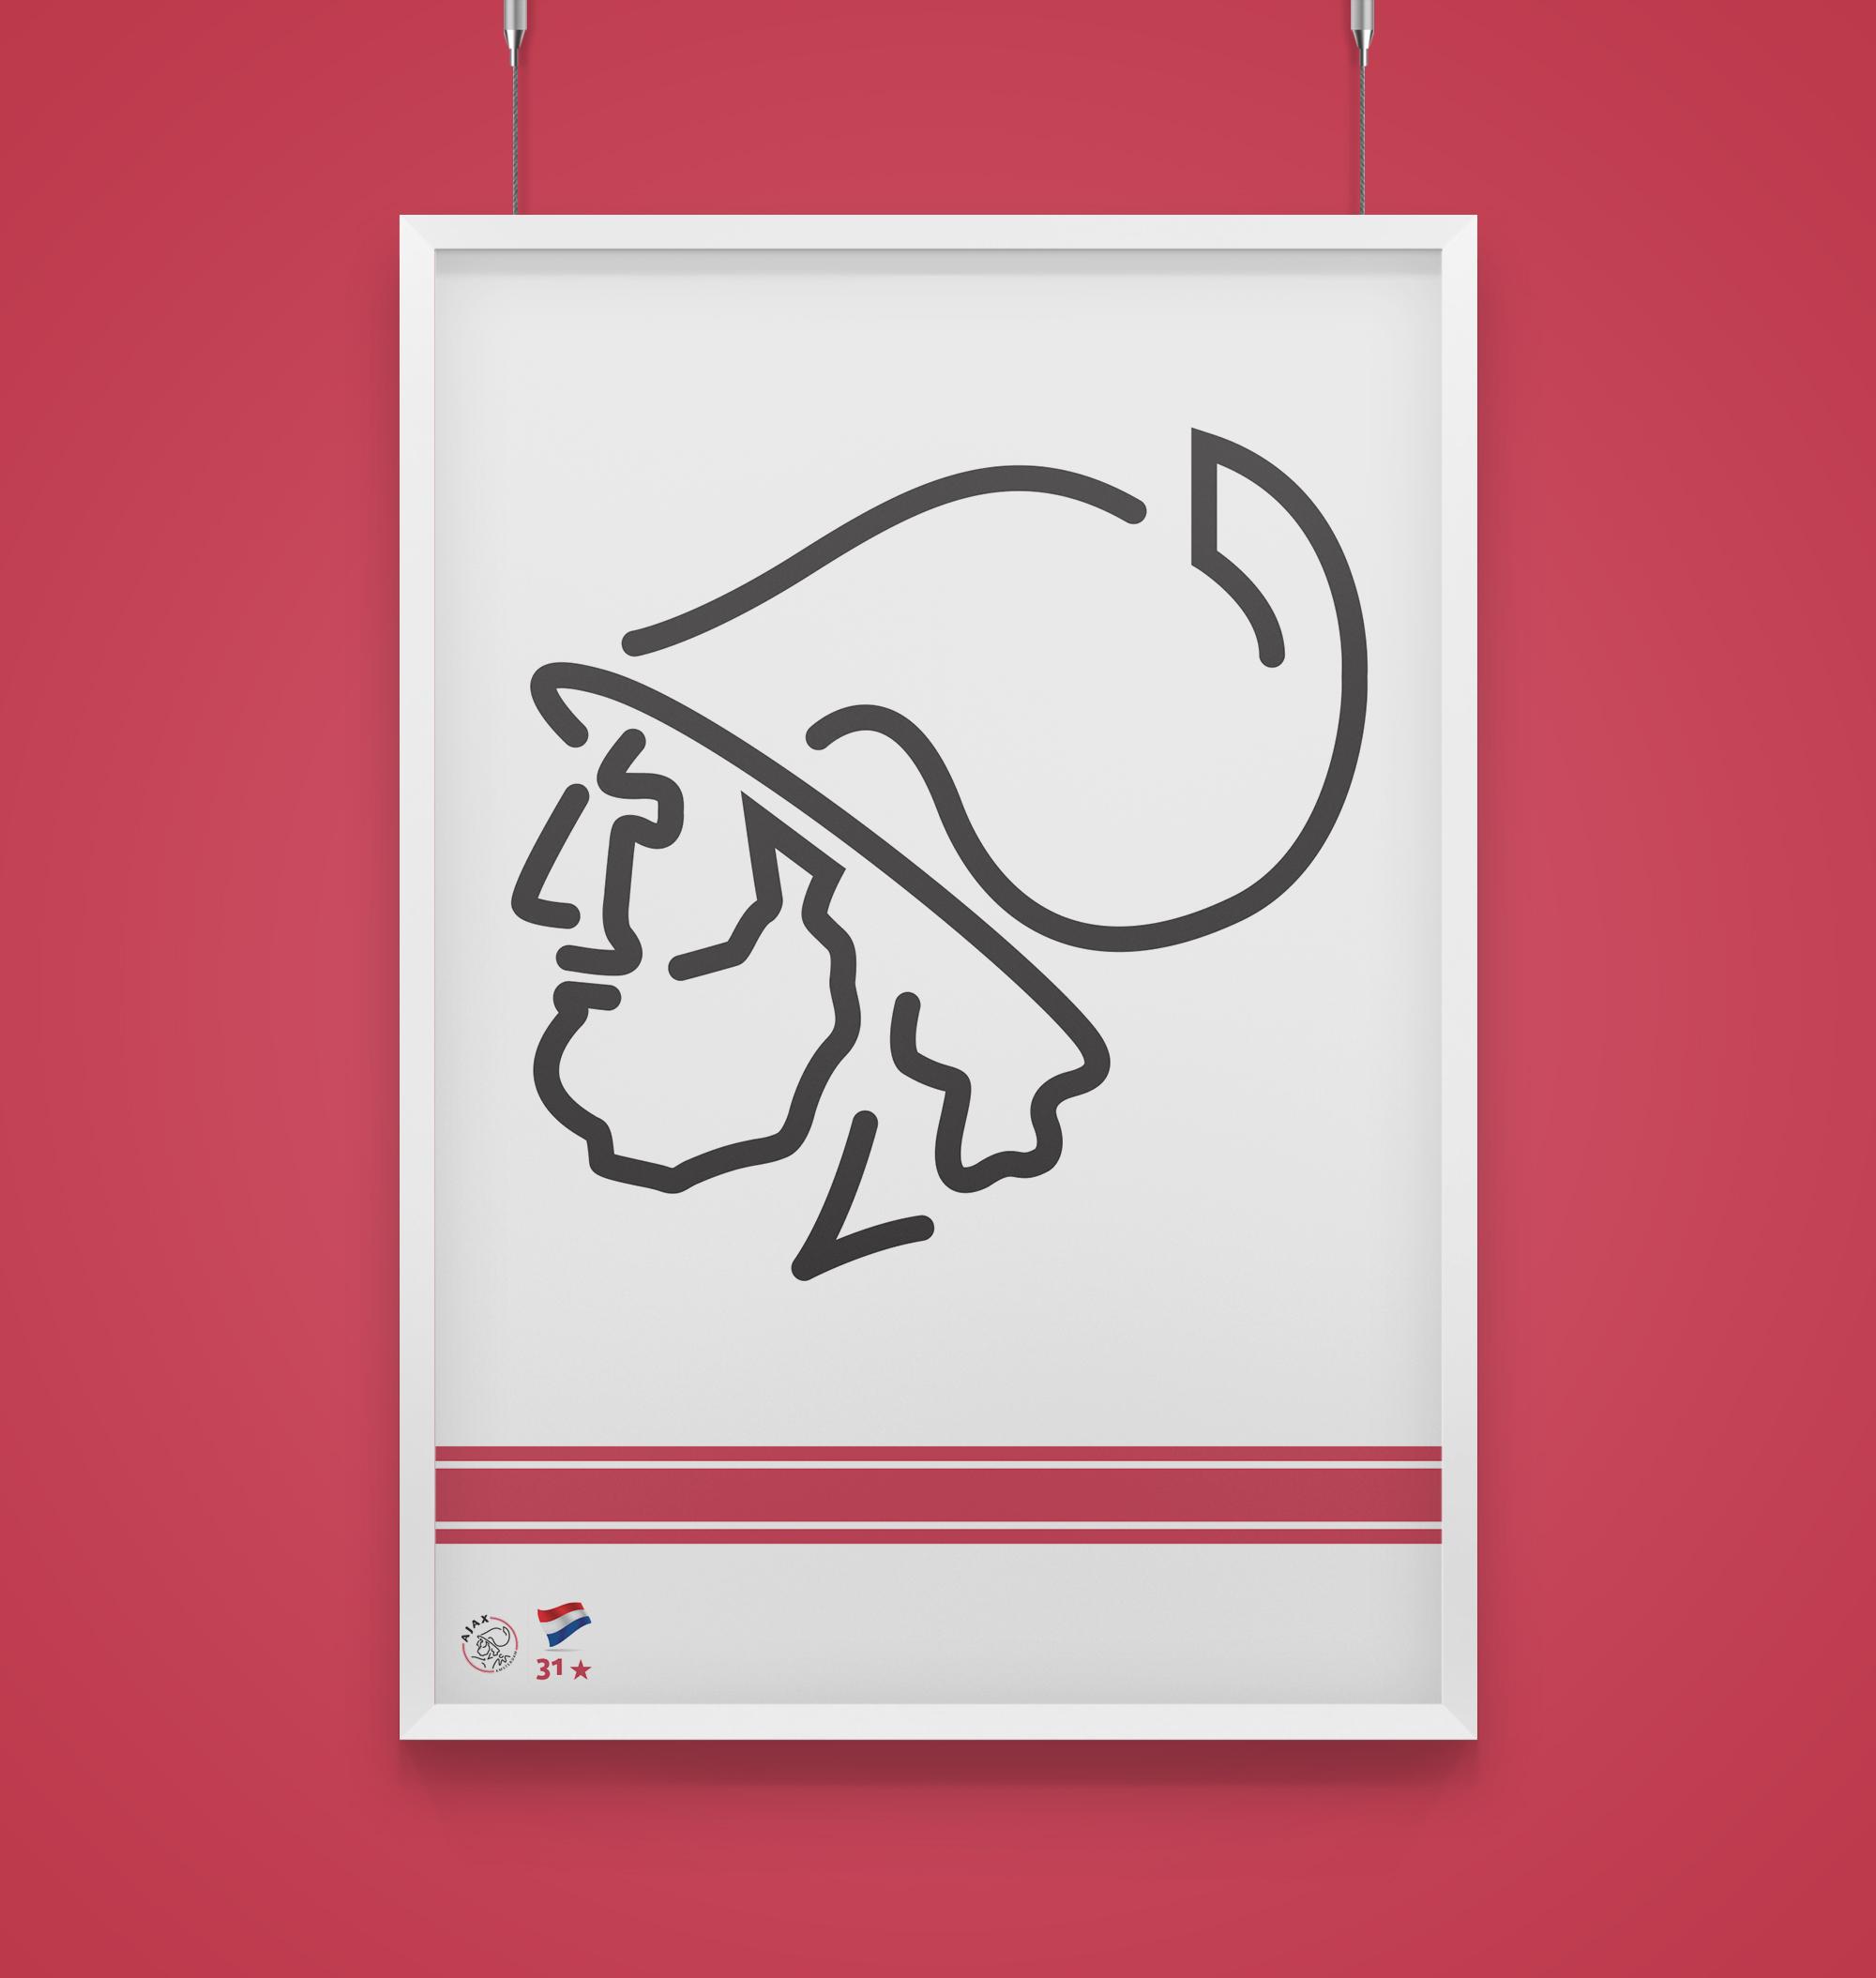 raniev-rod-alvarez-diseño-gráfico-queretaro-poster-minimalist-champions-1-ajax